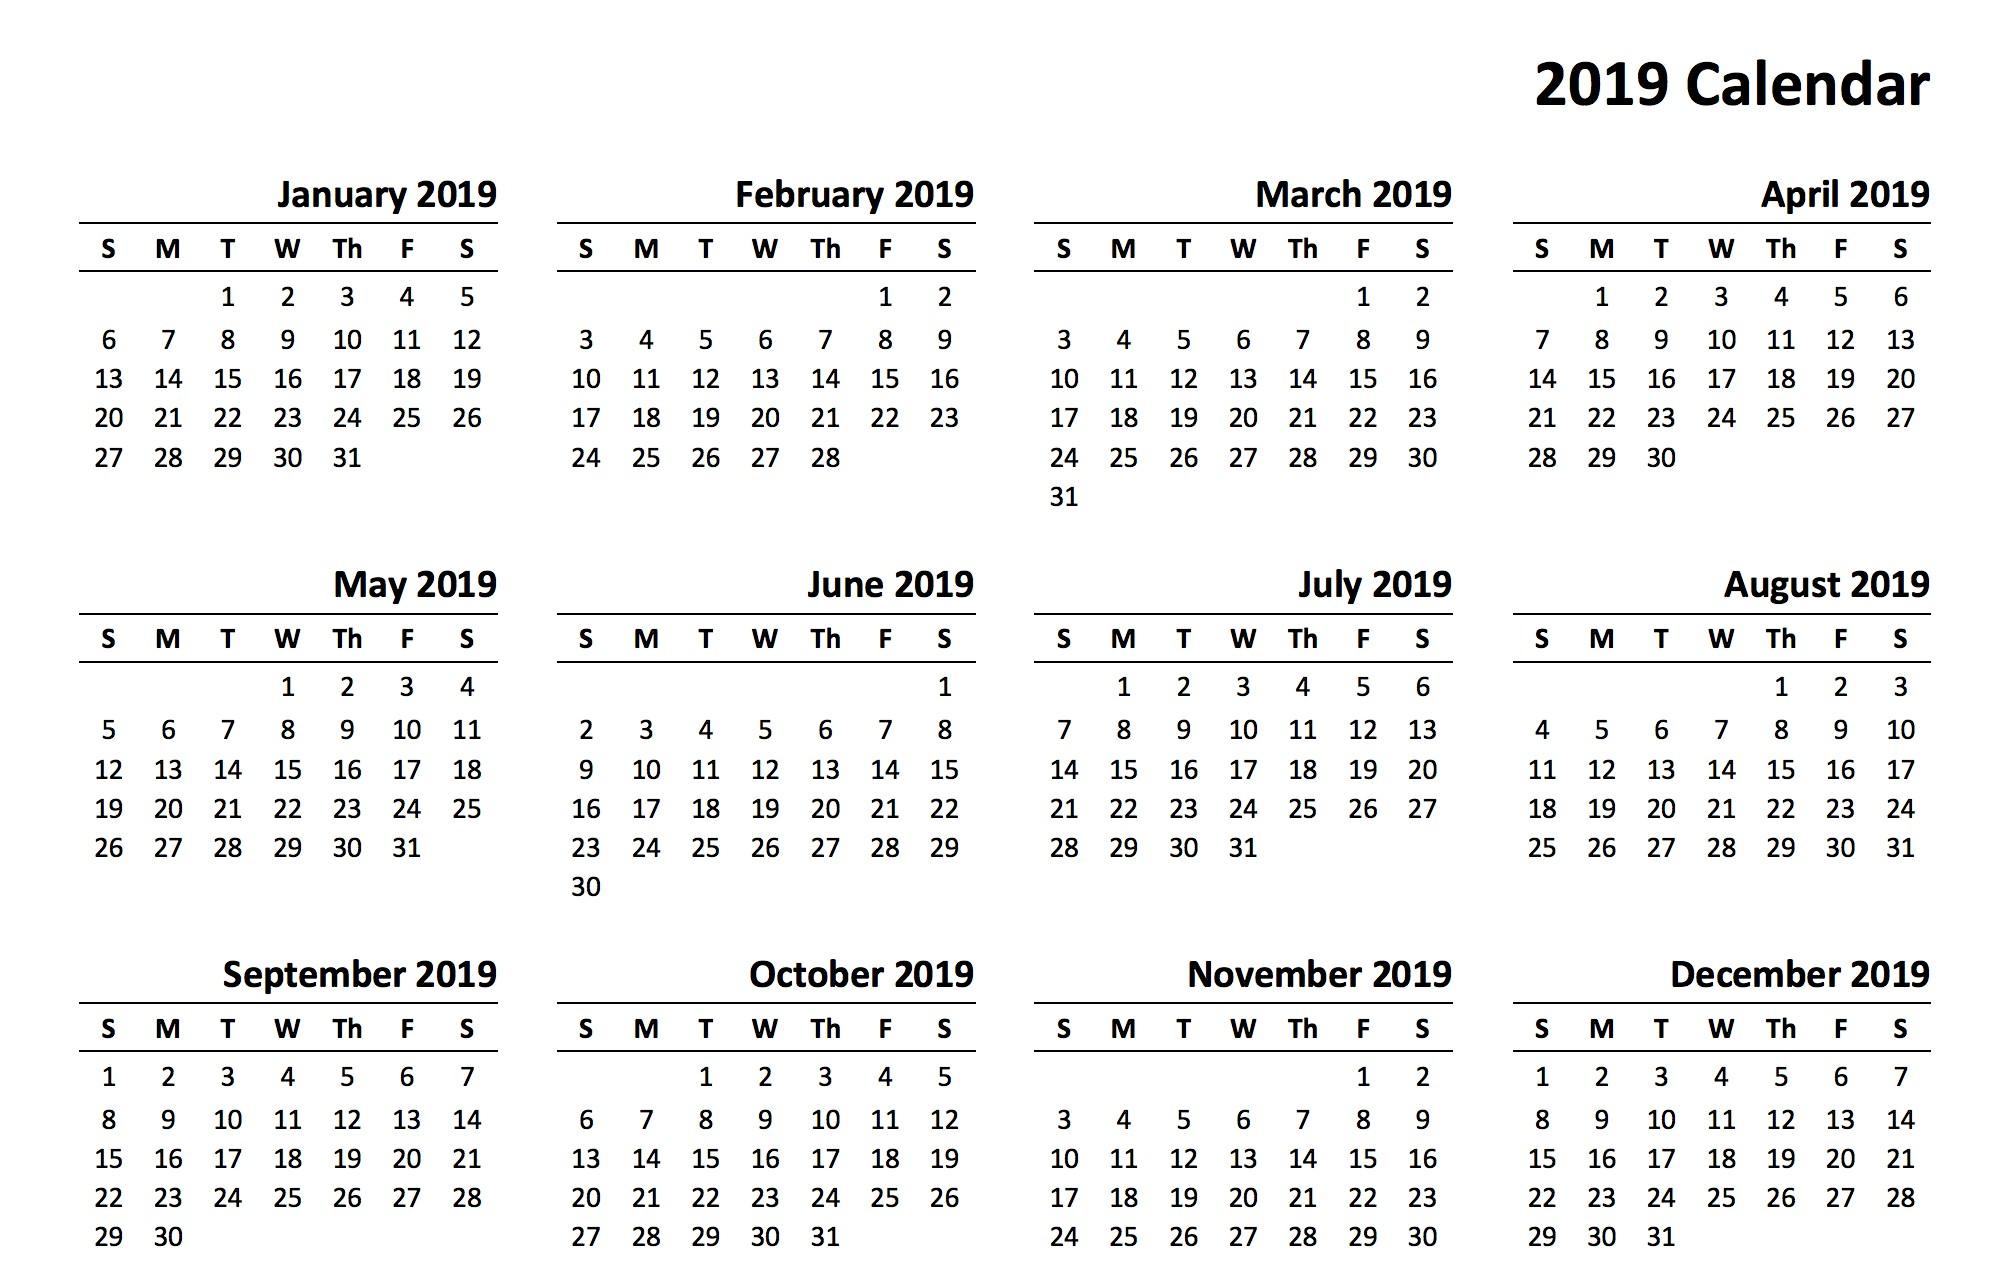 March Calendar Vector Más Recientes 12 Month Calendar 2019 Printable Of March Calendar Vector Actual Data Involving event Calendar March Calendar Online 2019